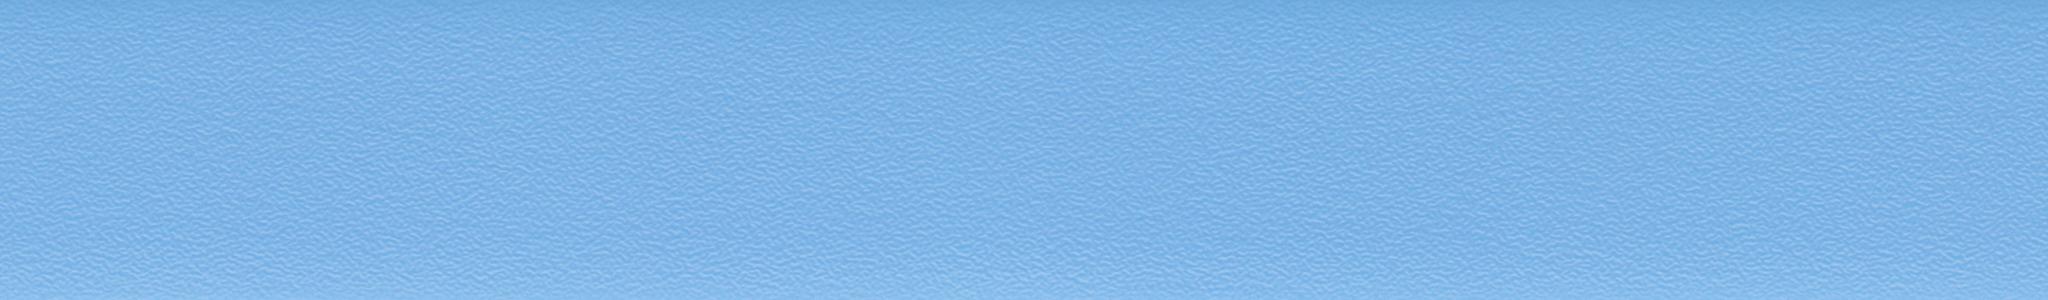 HU 15523 ABS hrana modrá perla 101